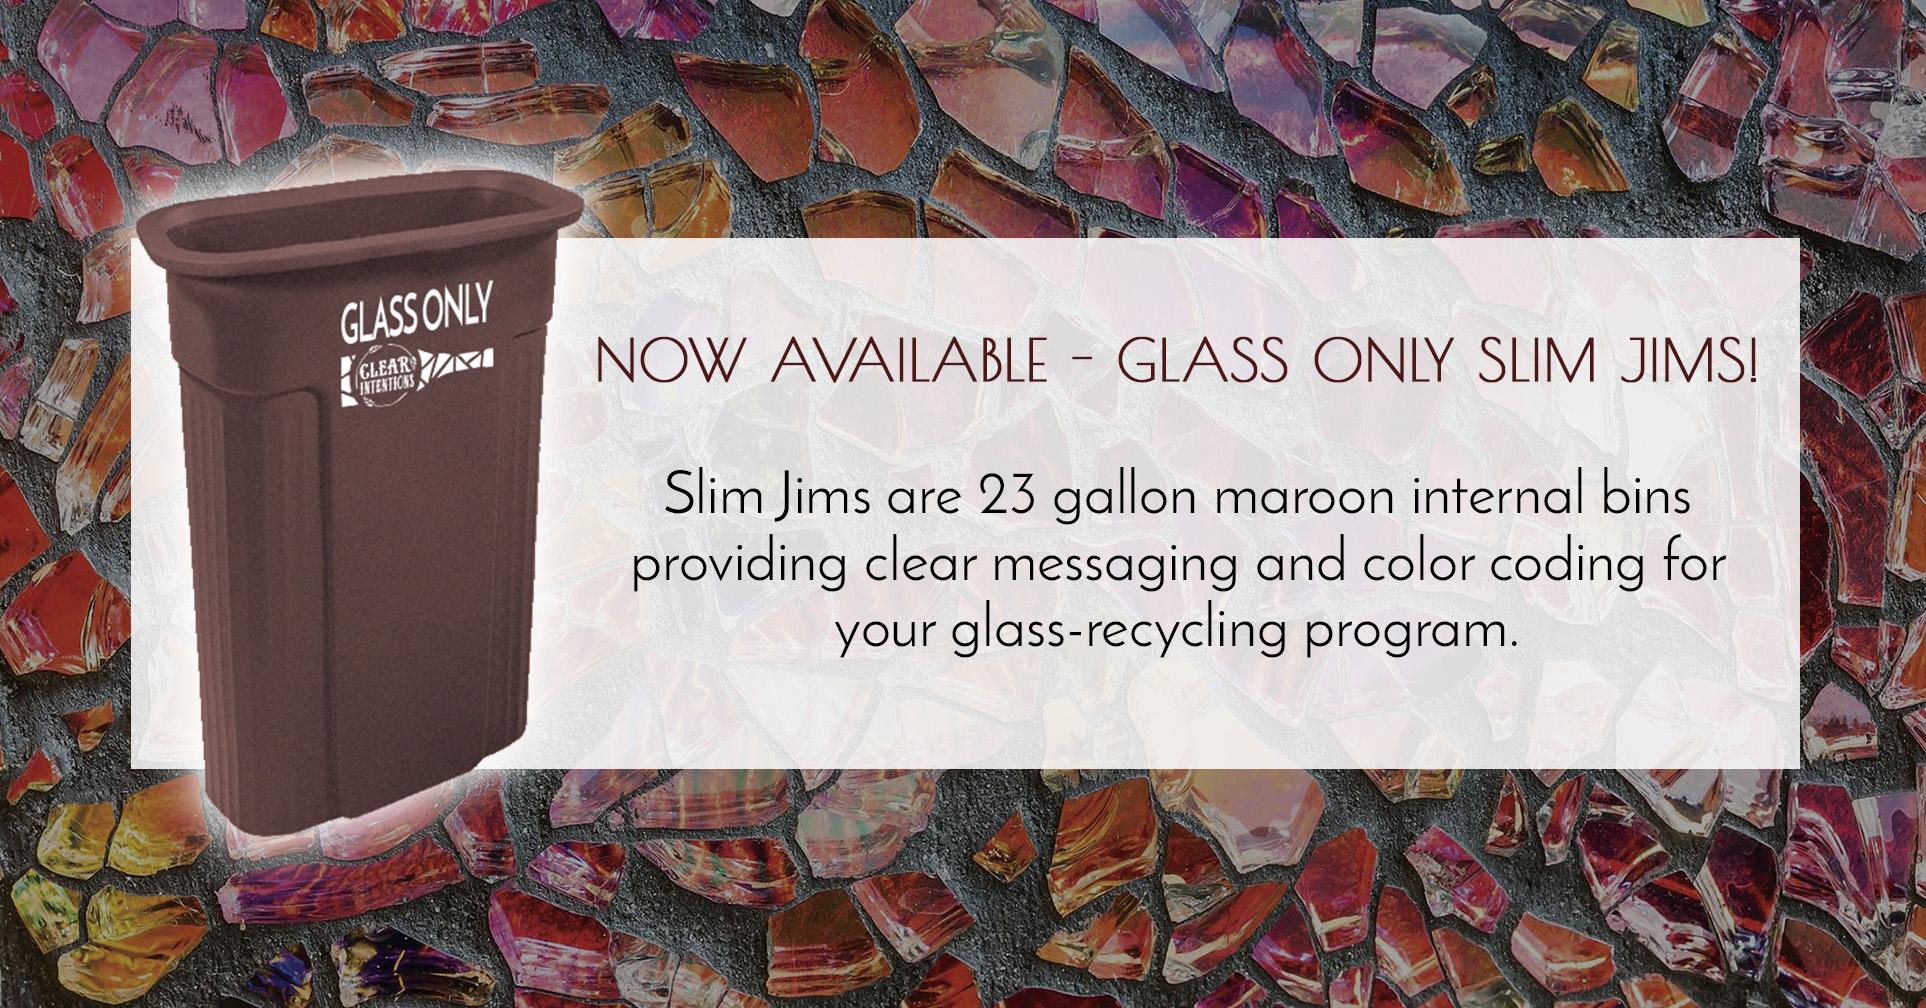 Glass Recycling Slim Jims.jpg